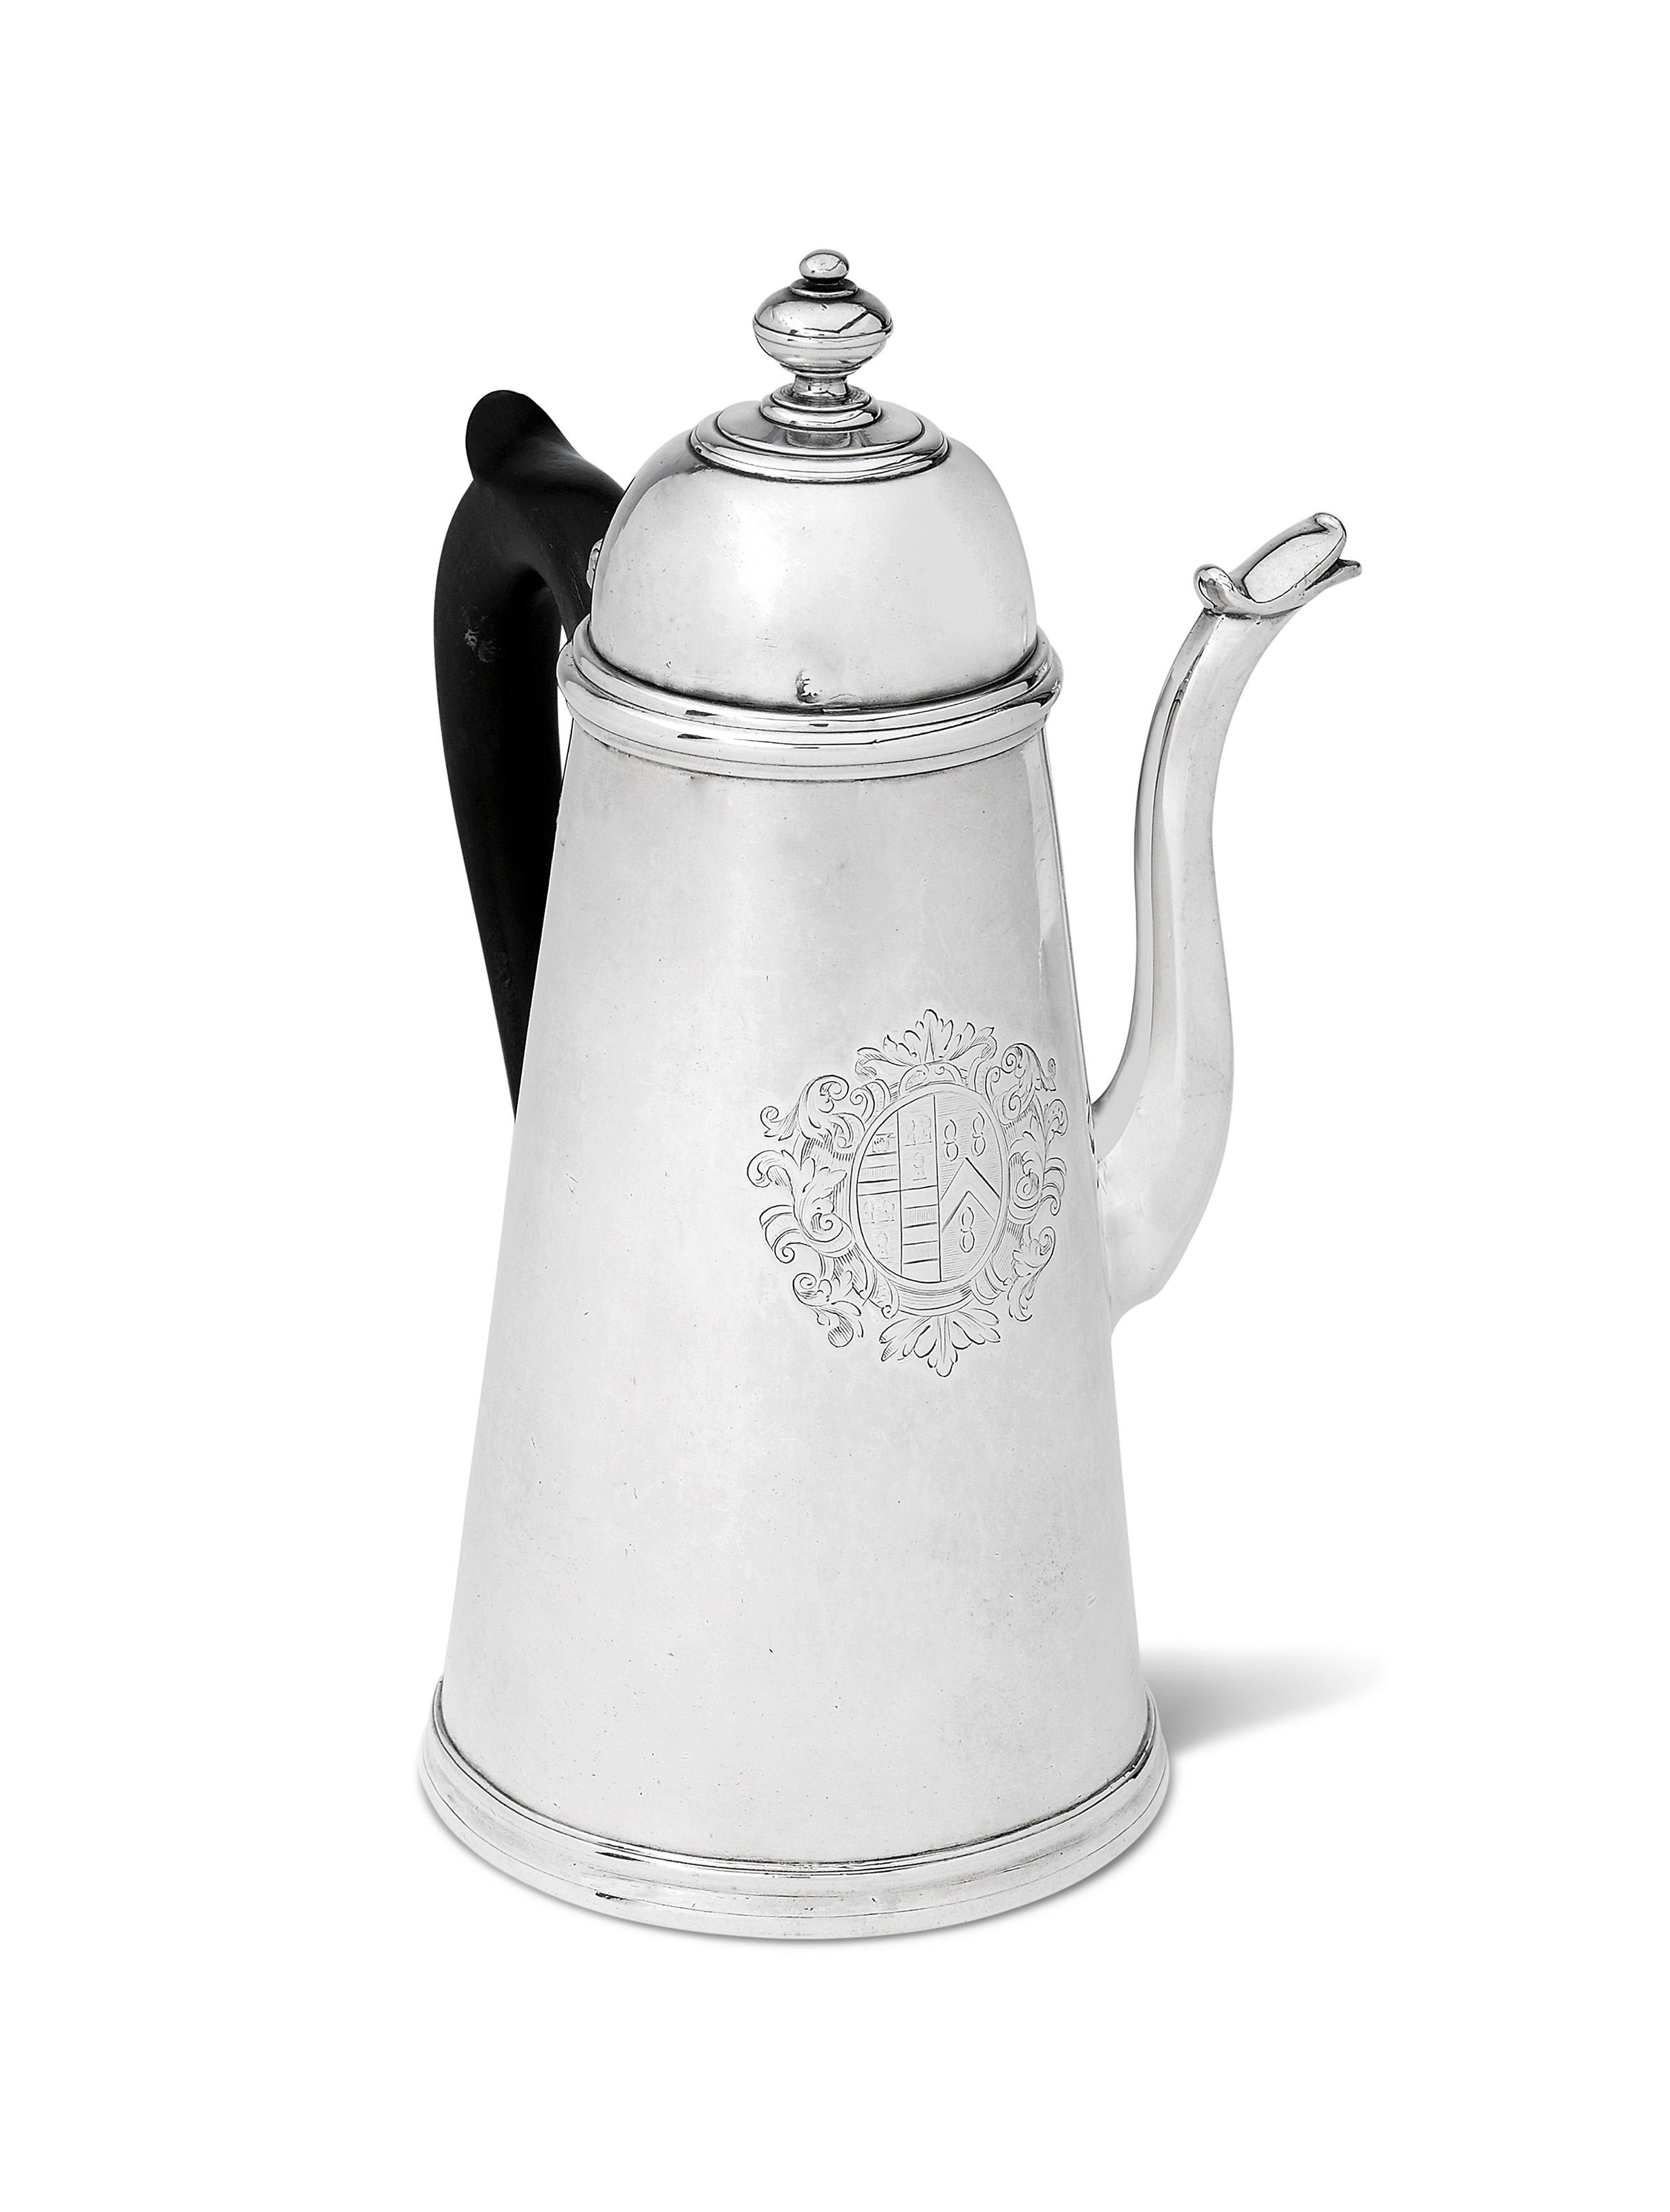 A QUEEN ANNE SILVER COFFEE-POT